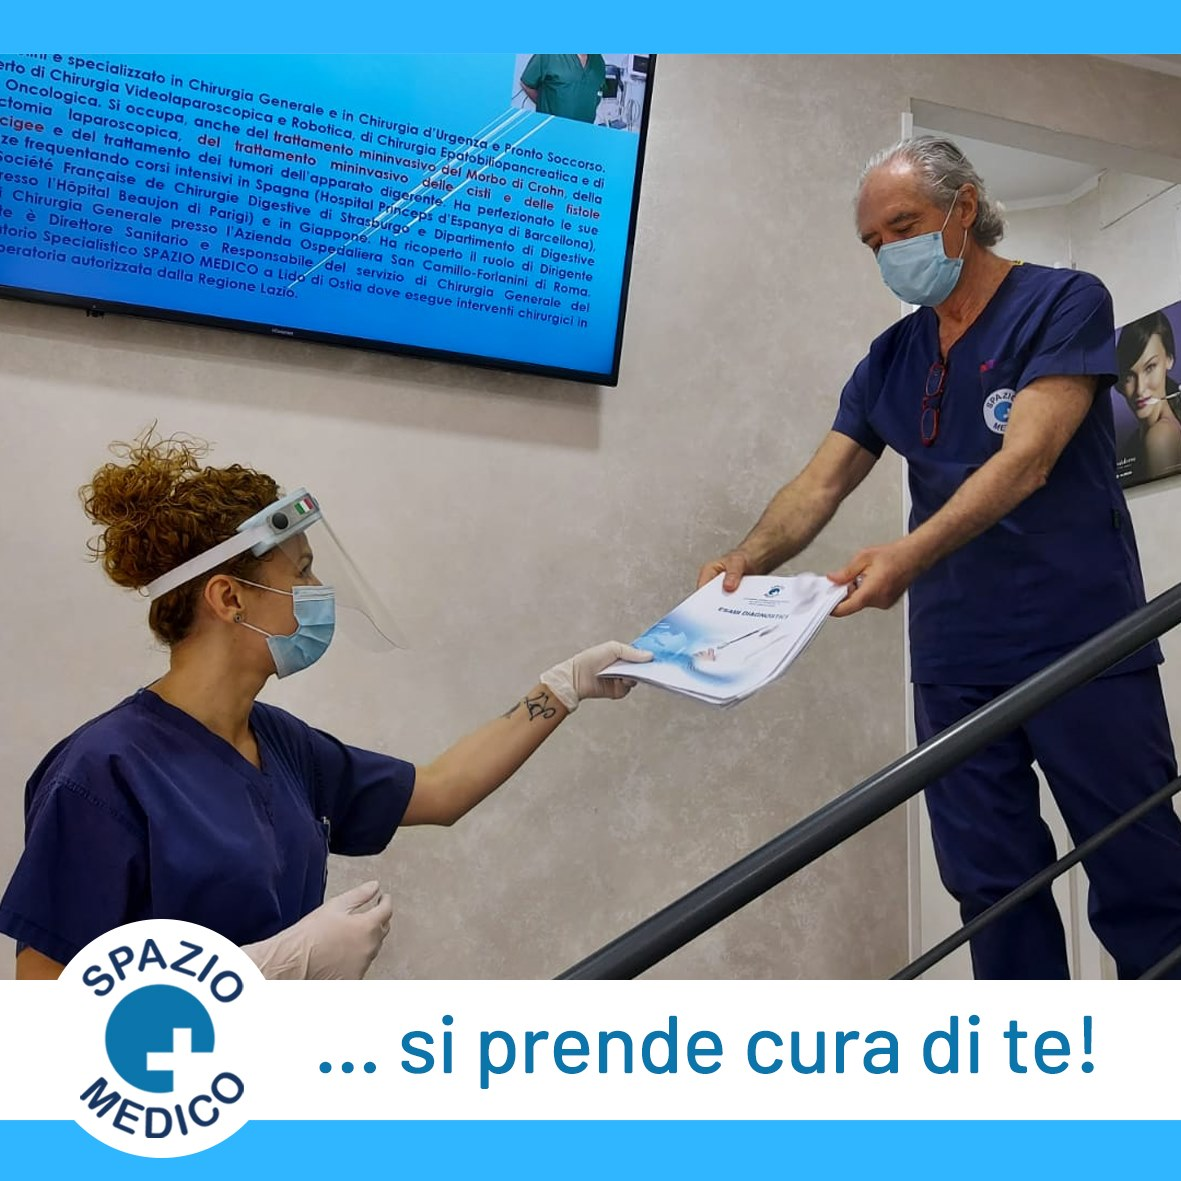 Poliambulatorio Chirurgico Ostia Lido